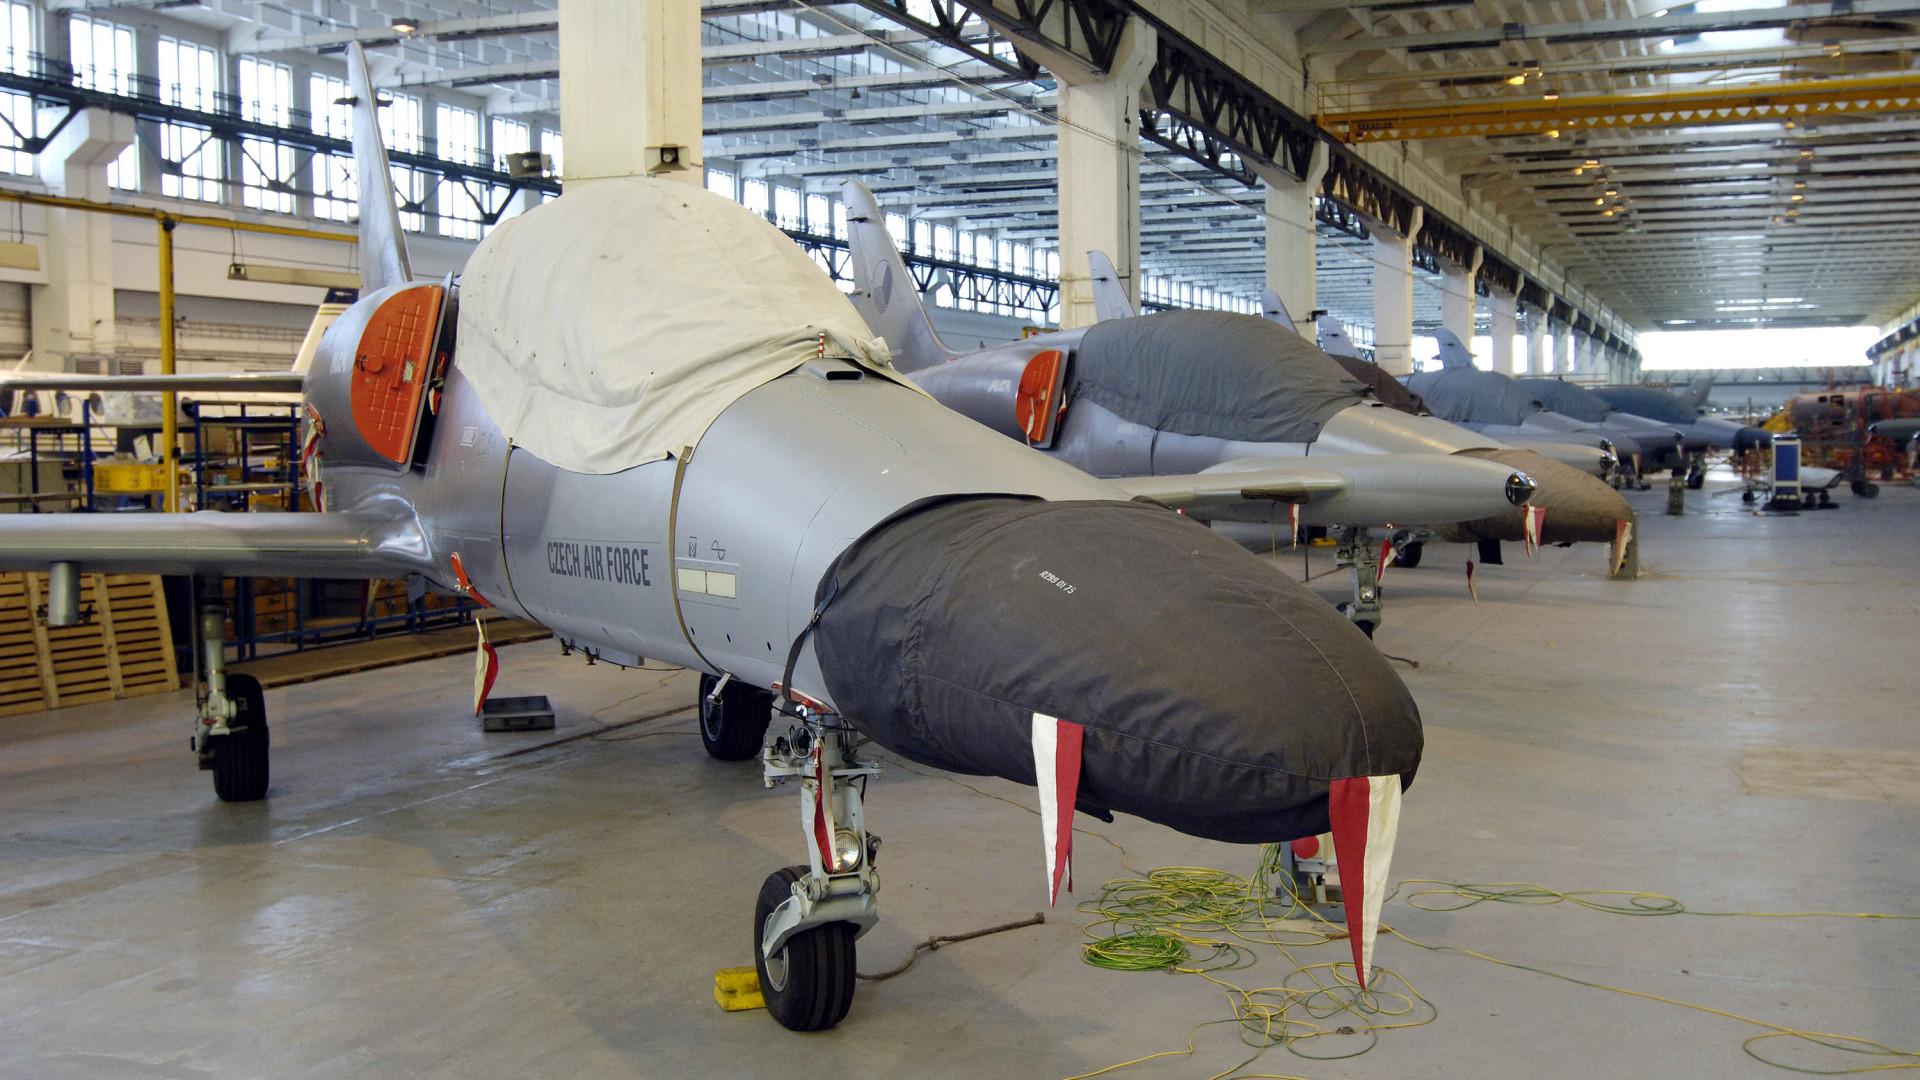 Magyar kézbe került a híres katonai repülőgépgyár – Nézzük, milyen gépek készülnek az új üzemben!